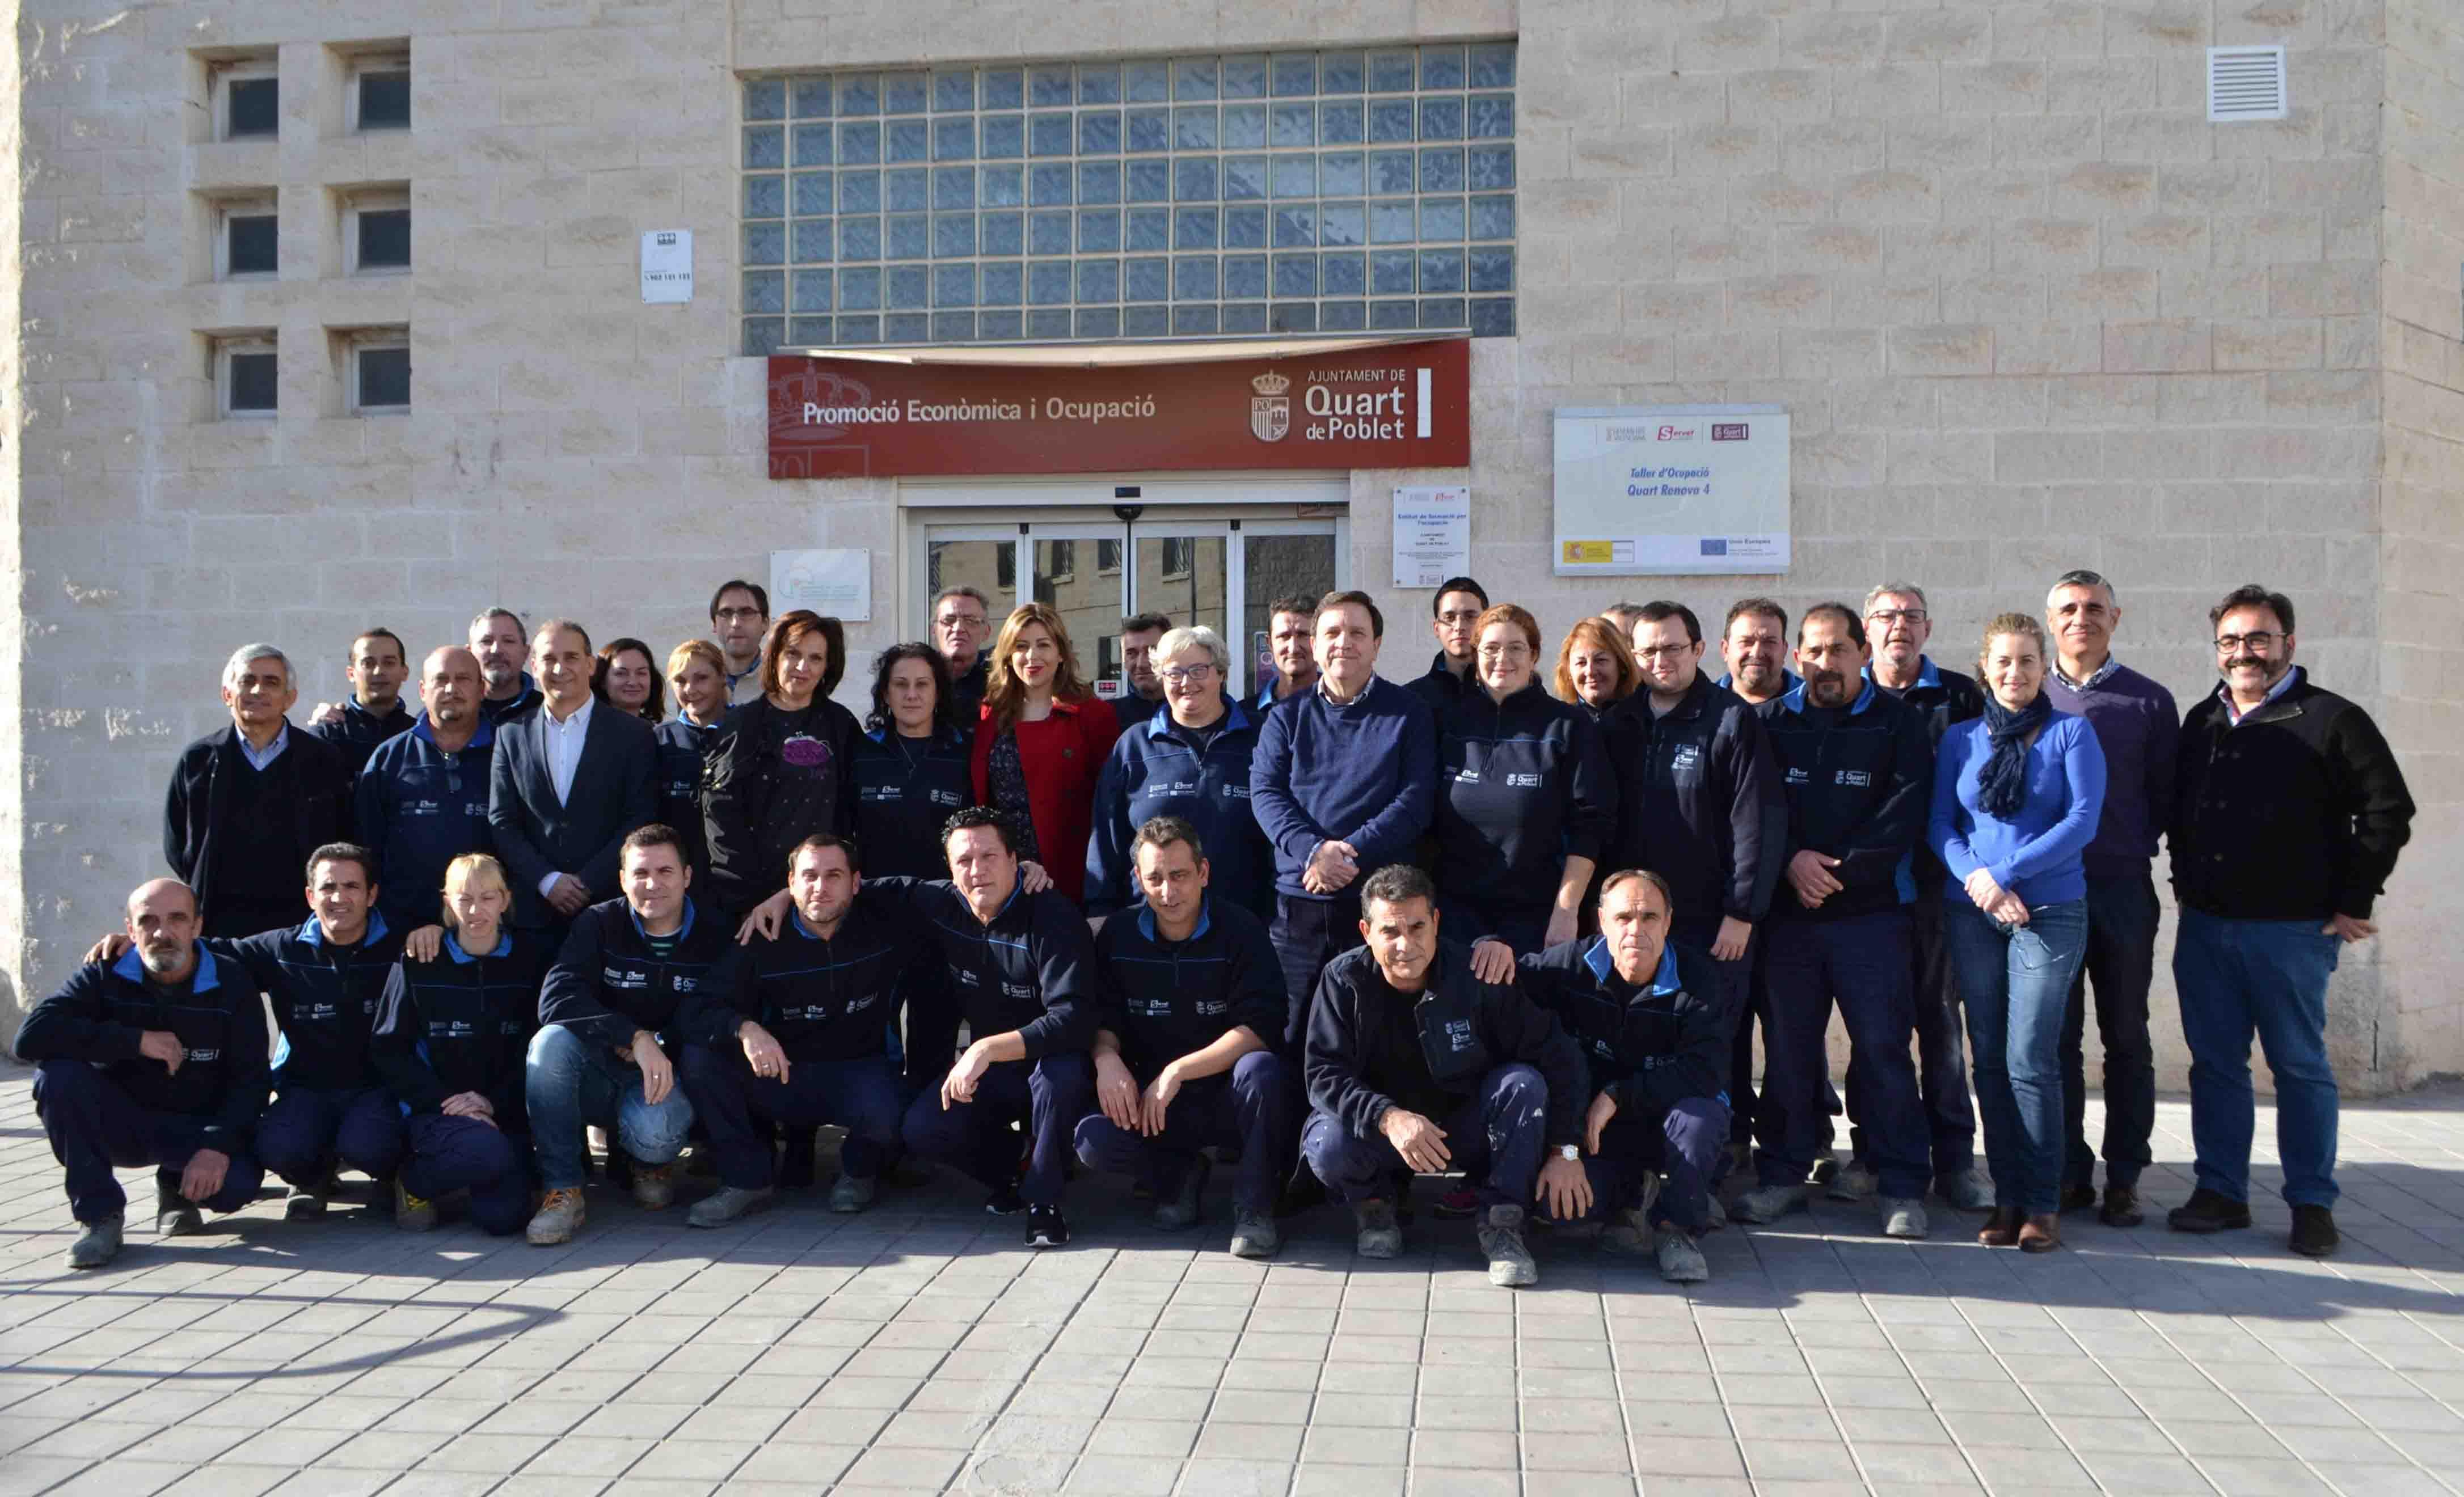 En marcha el taller de empleo quart renova que ofrece for Gimnasio quart de poblet